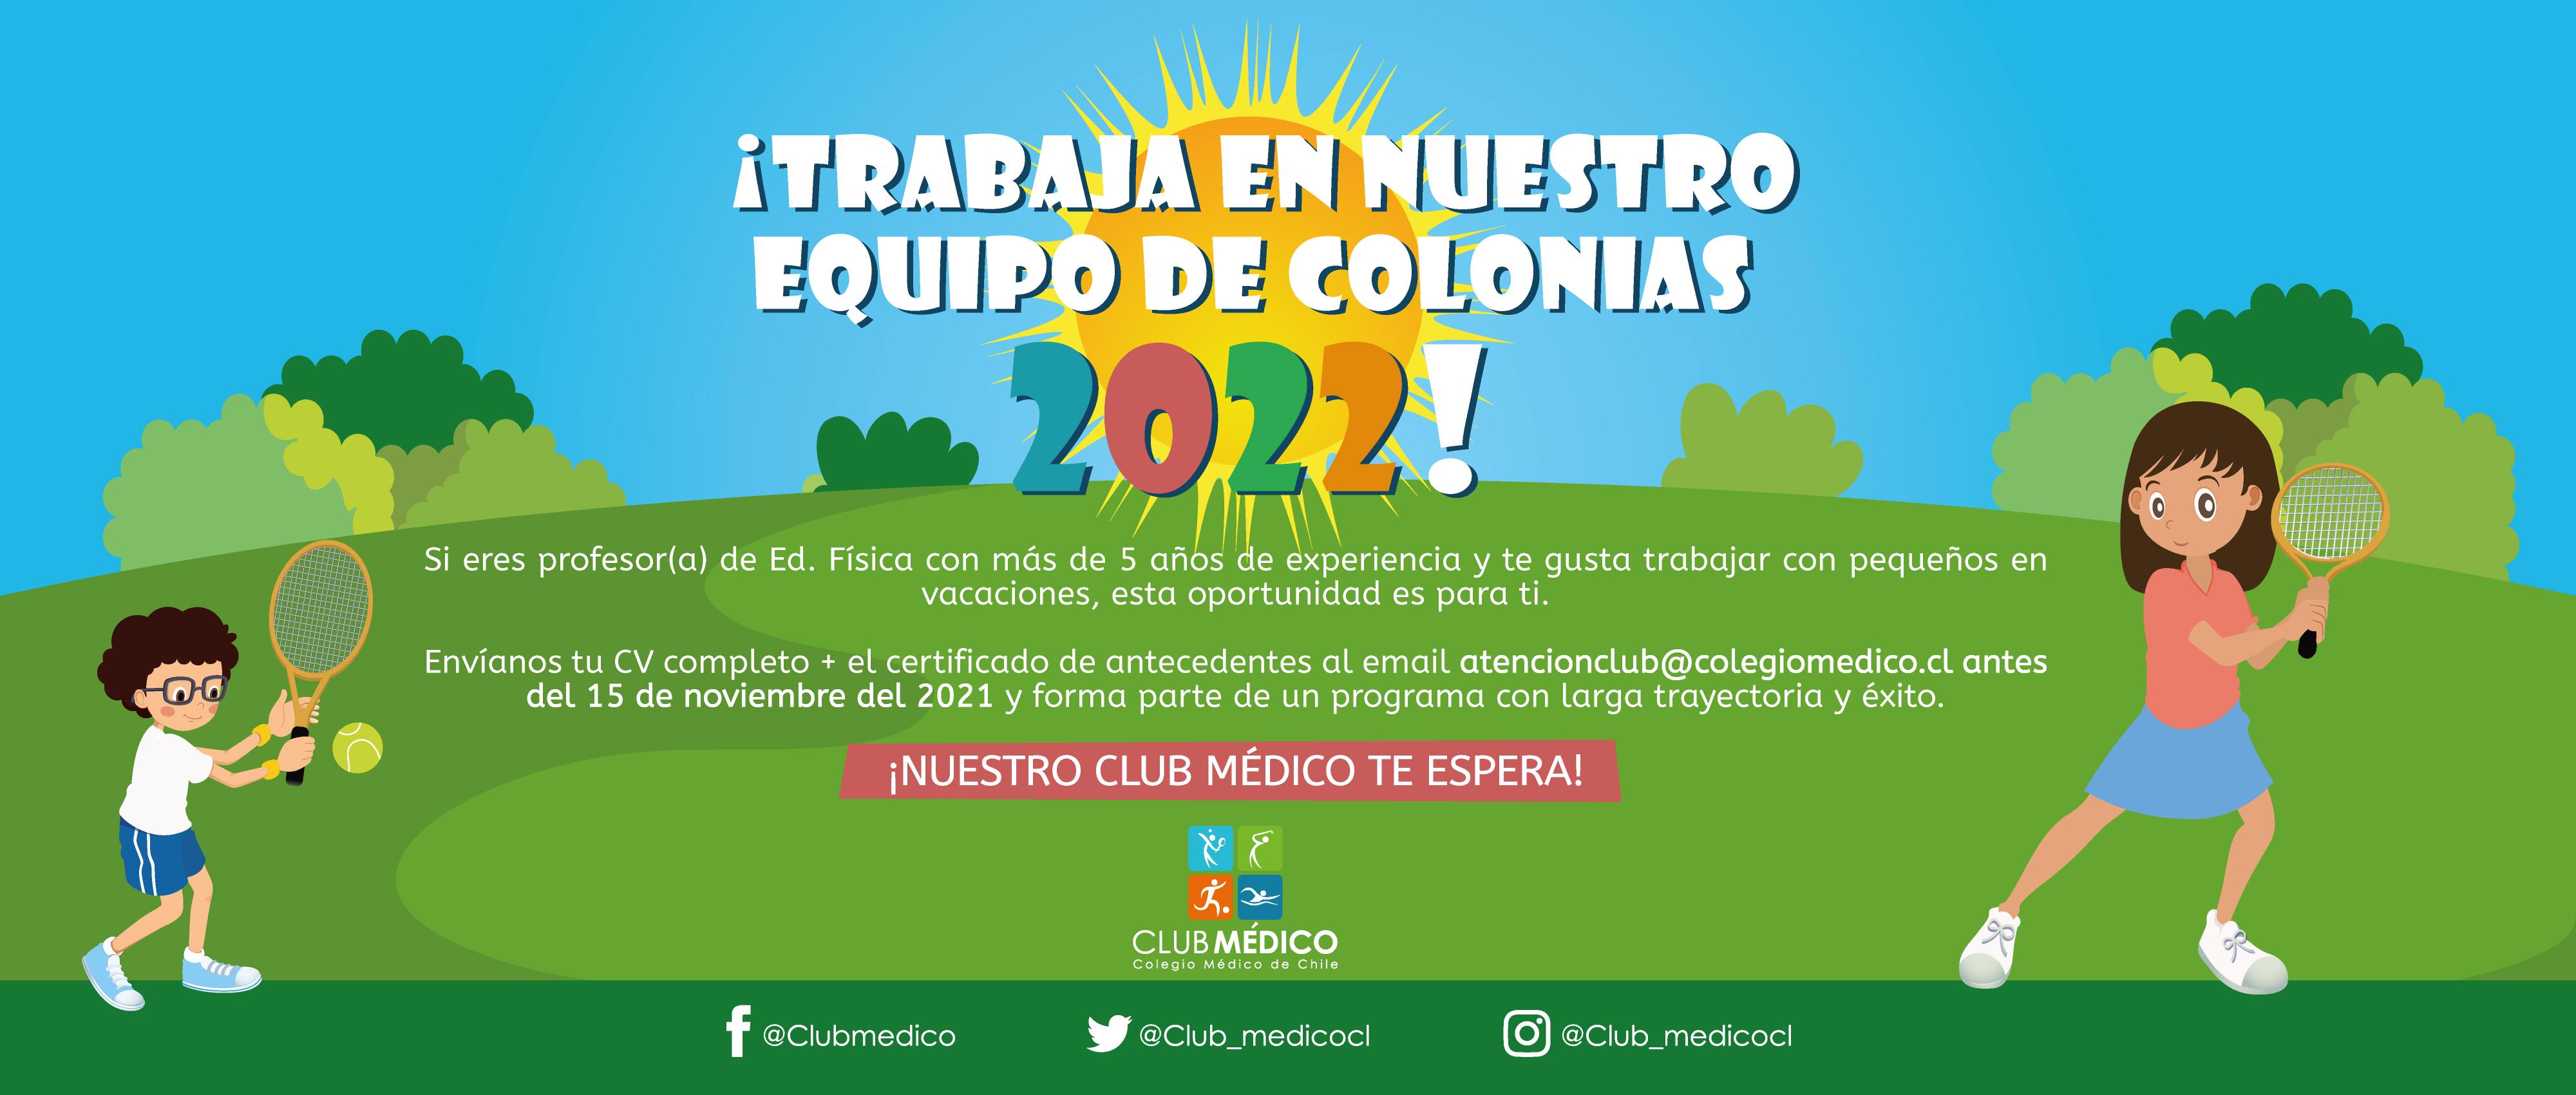 colonia-verano_profesor-4000x1700